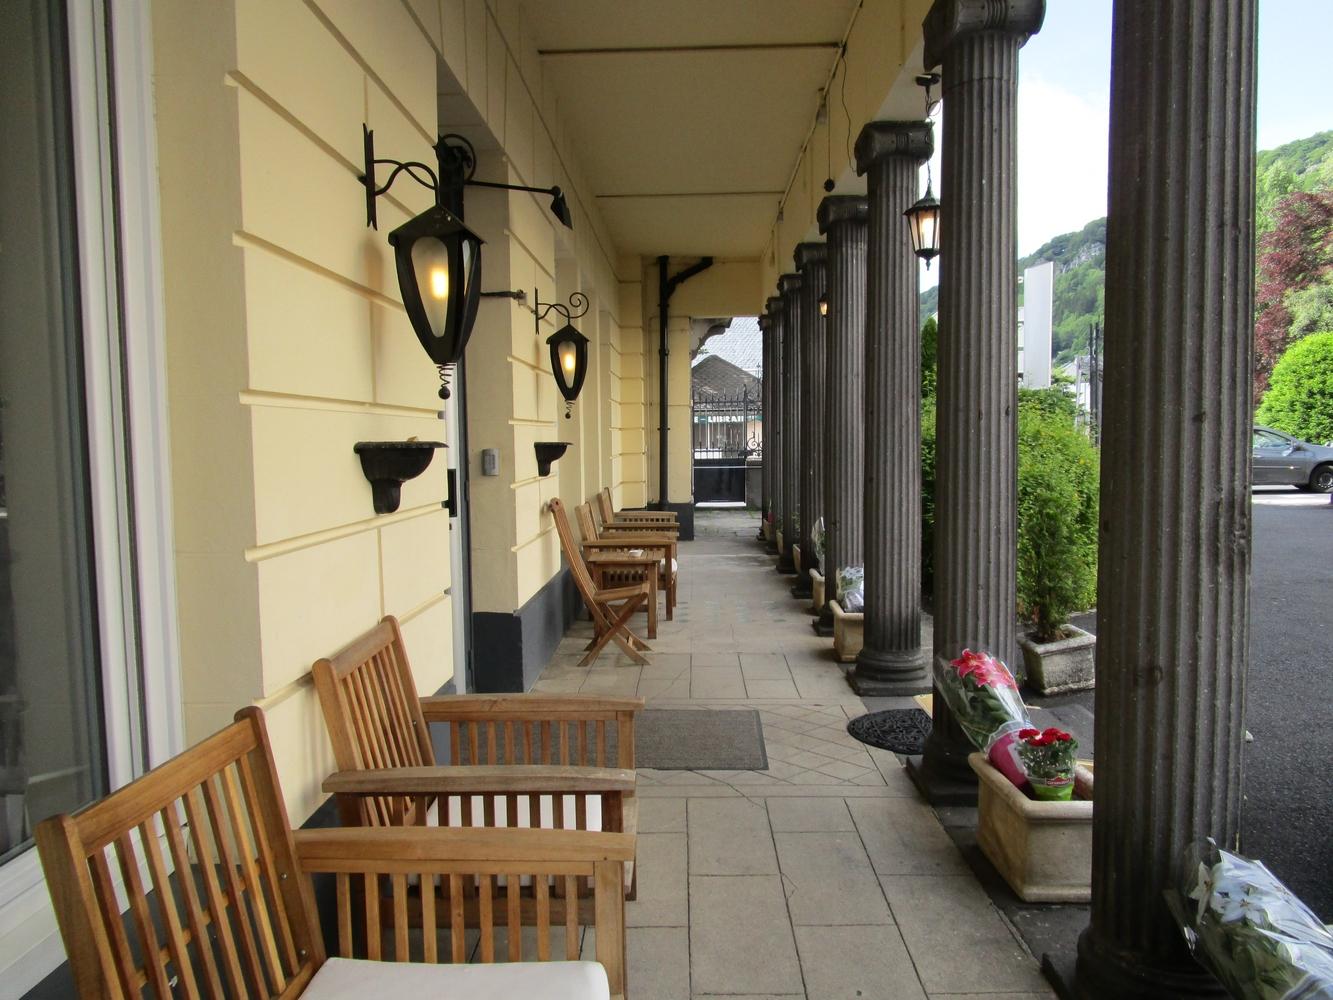 1- Hotel Mont-Dore > Terrasse devant l'hôtel